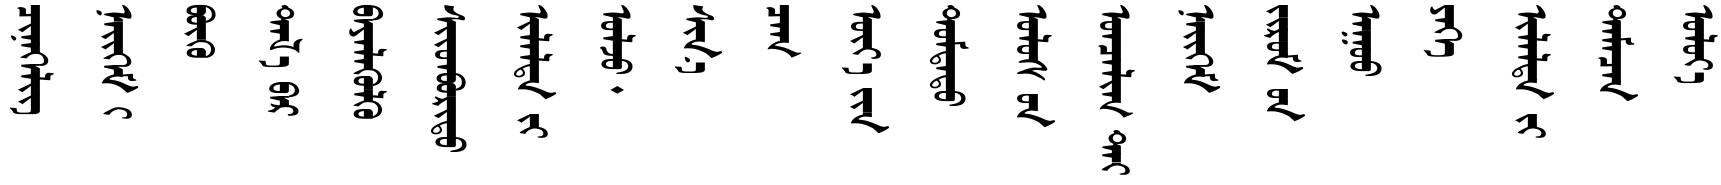 学习宣传贯彻党的十九大精神宣传标语(附蒙文) 第3张 学习宣传贯彻党的十九大精神宣传标语(附蒙文) 蒙古文库